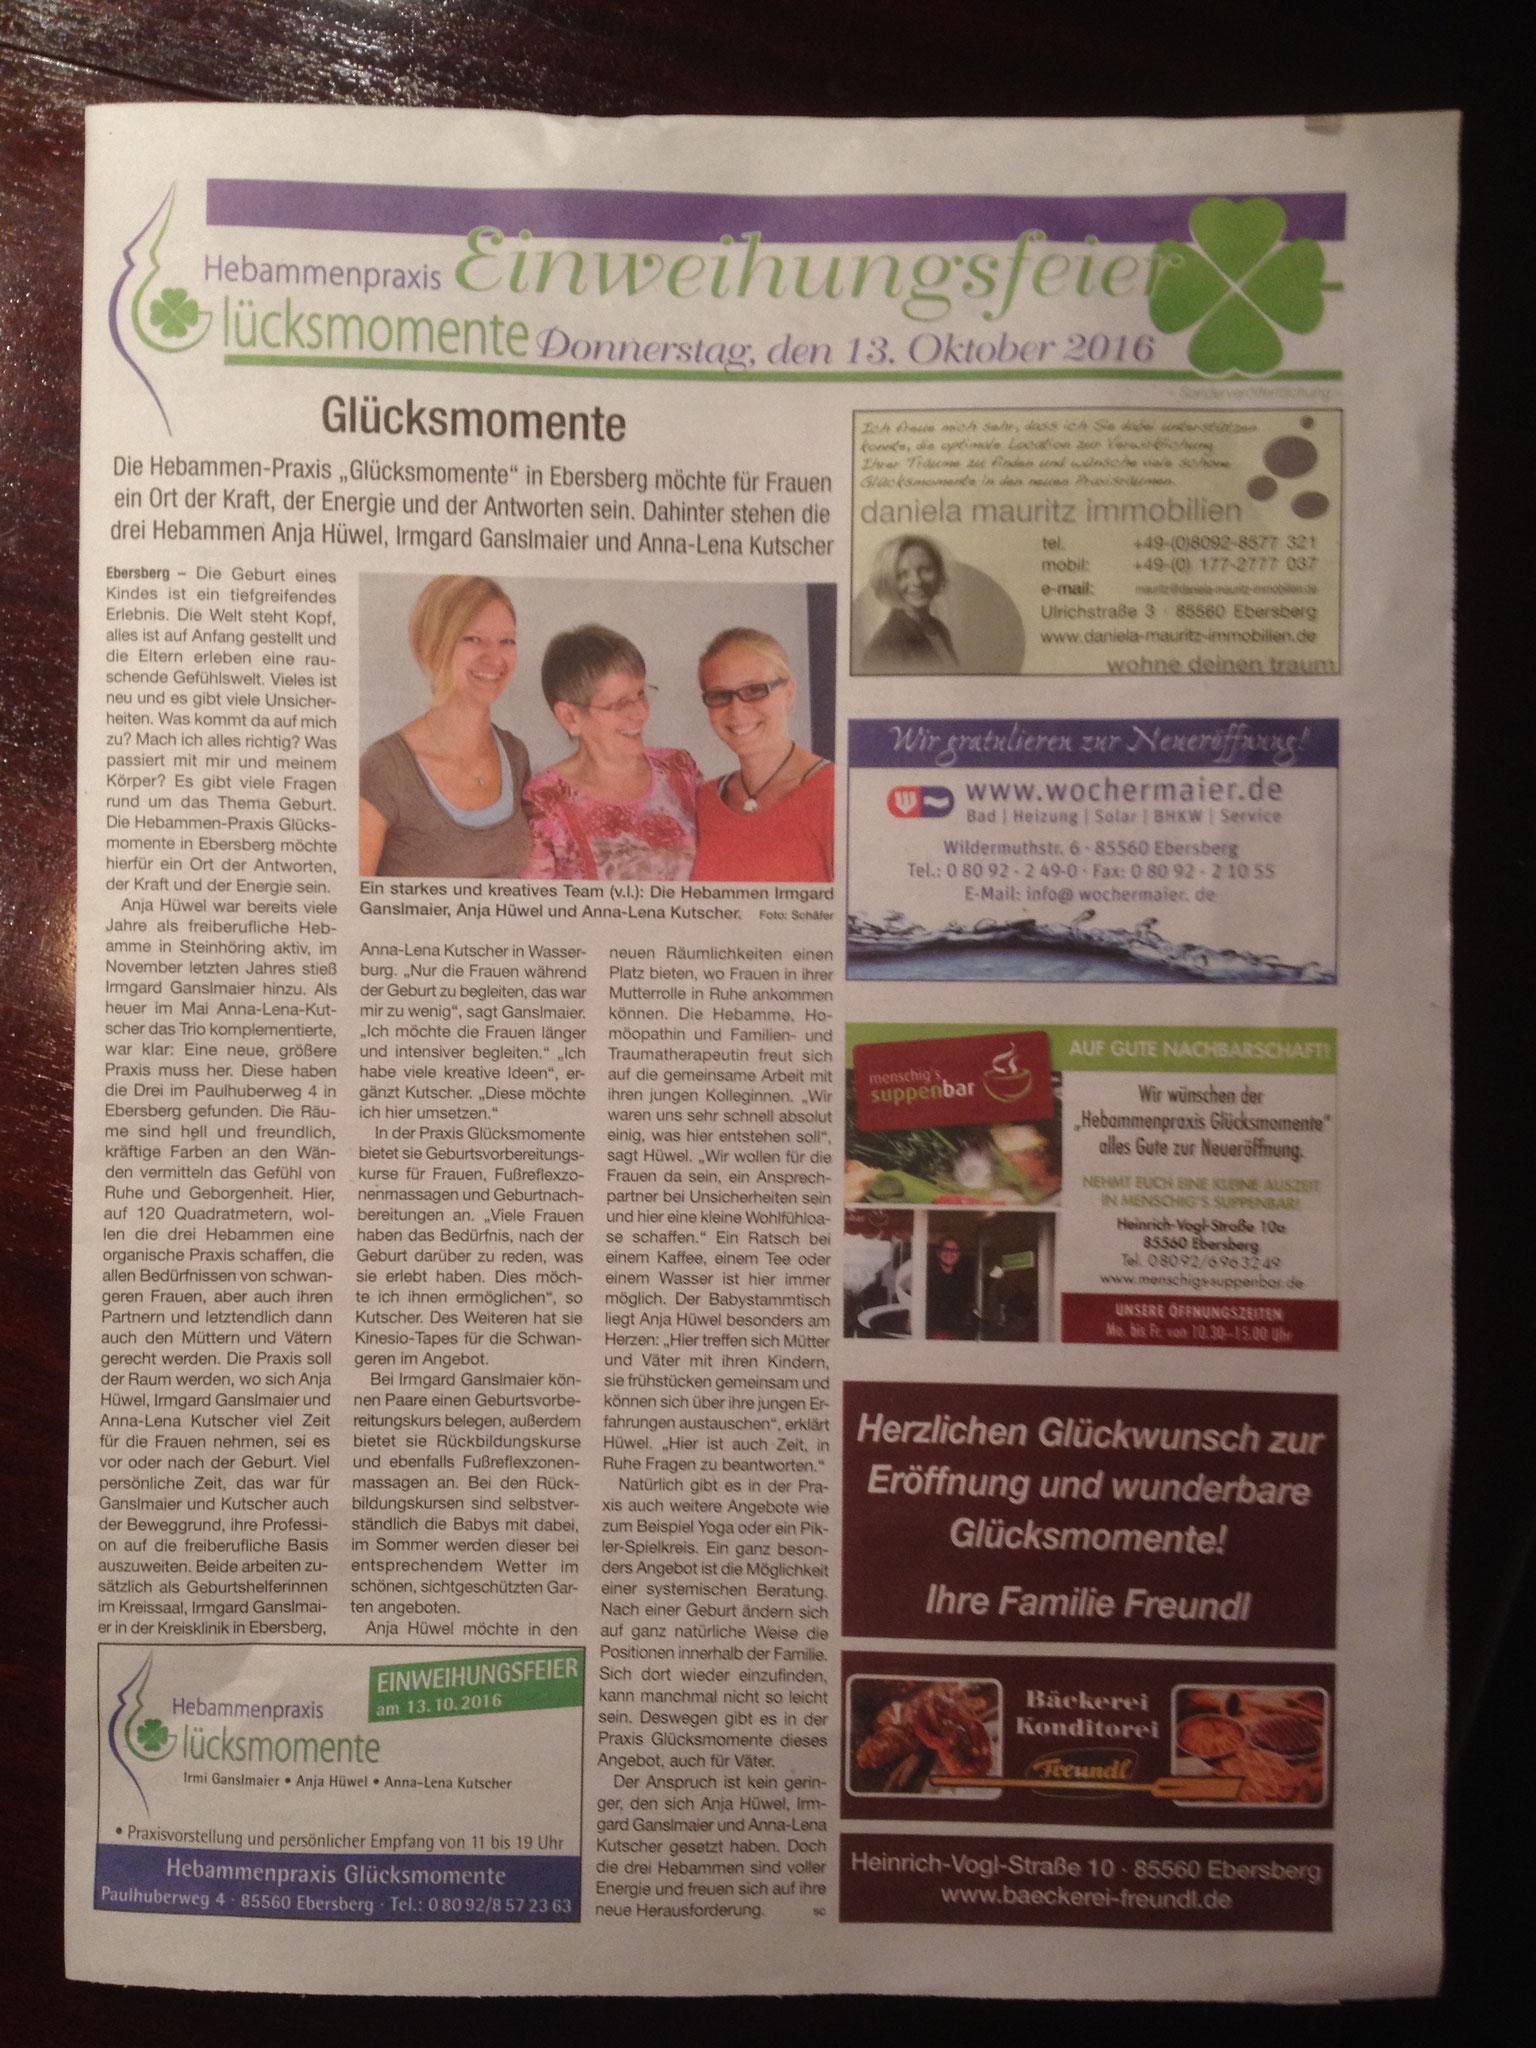 Offizielle Mitteilung in der Zeitung